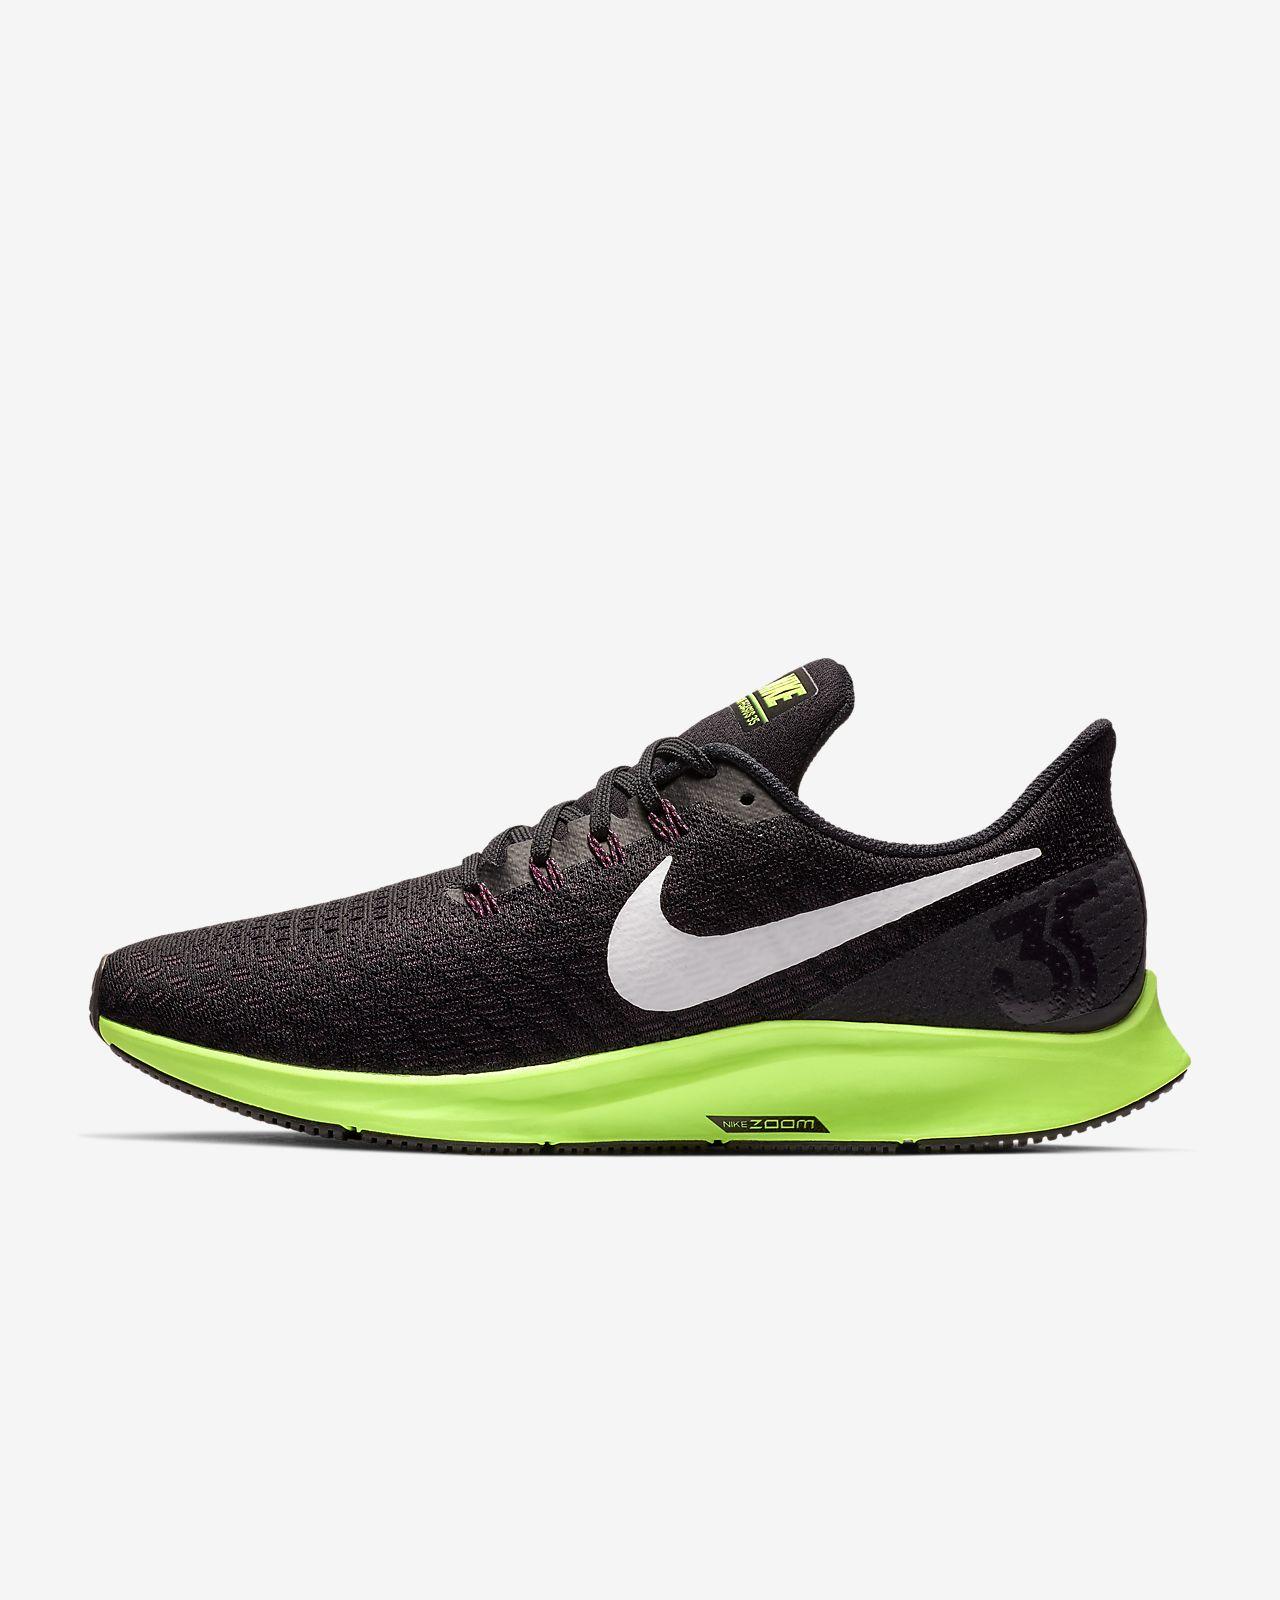 bfa3ffba94b222 Nike Air Zoom Pegasus 35 Men s Running Shoe. Nike.com LU